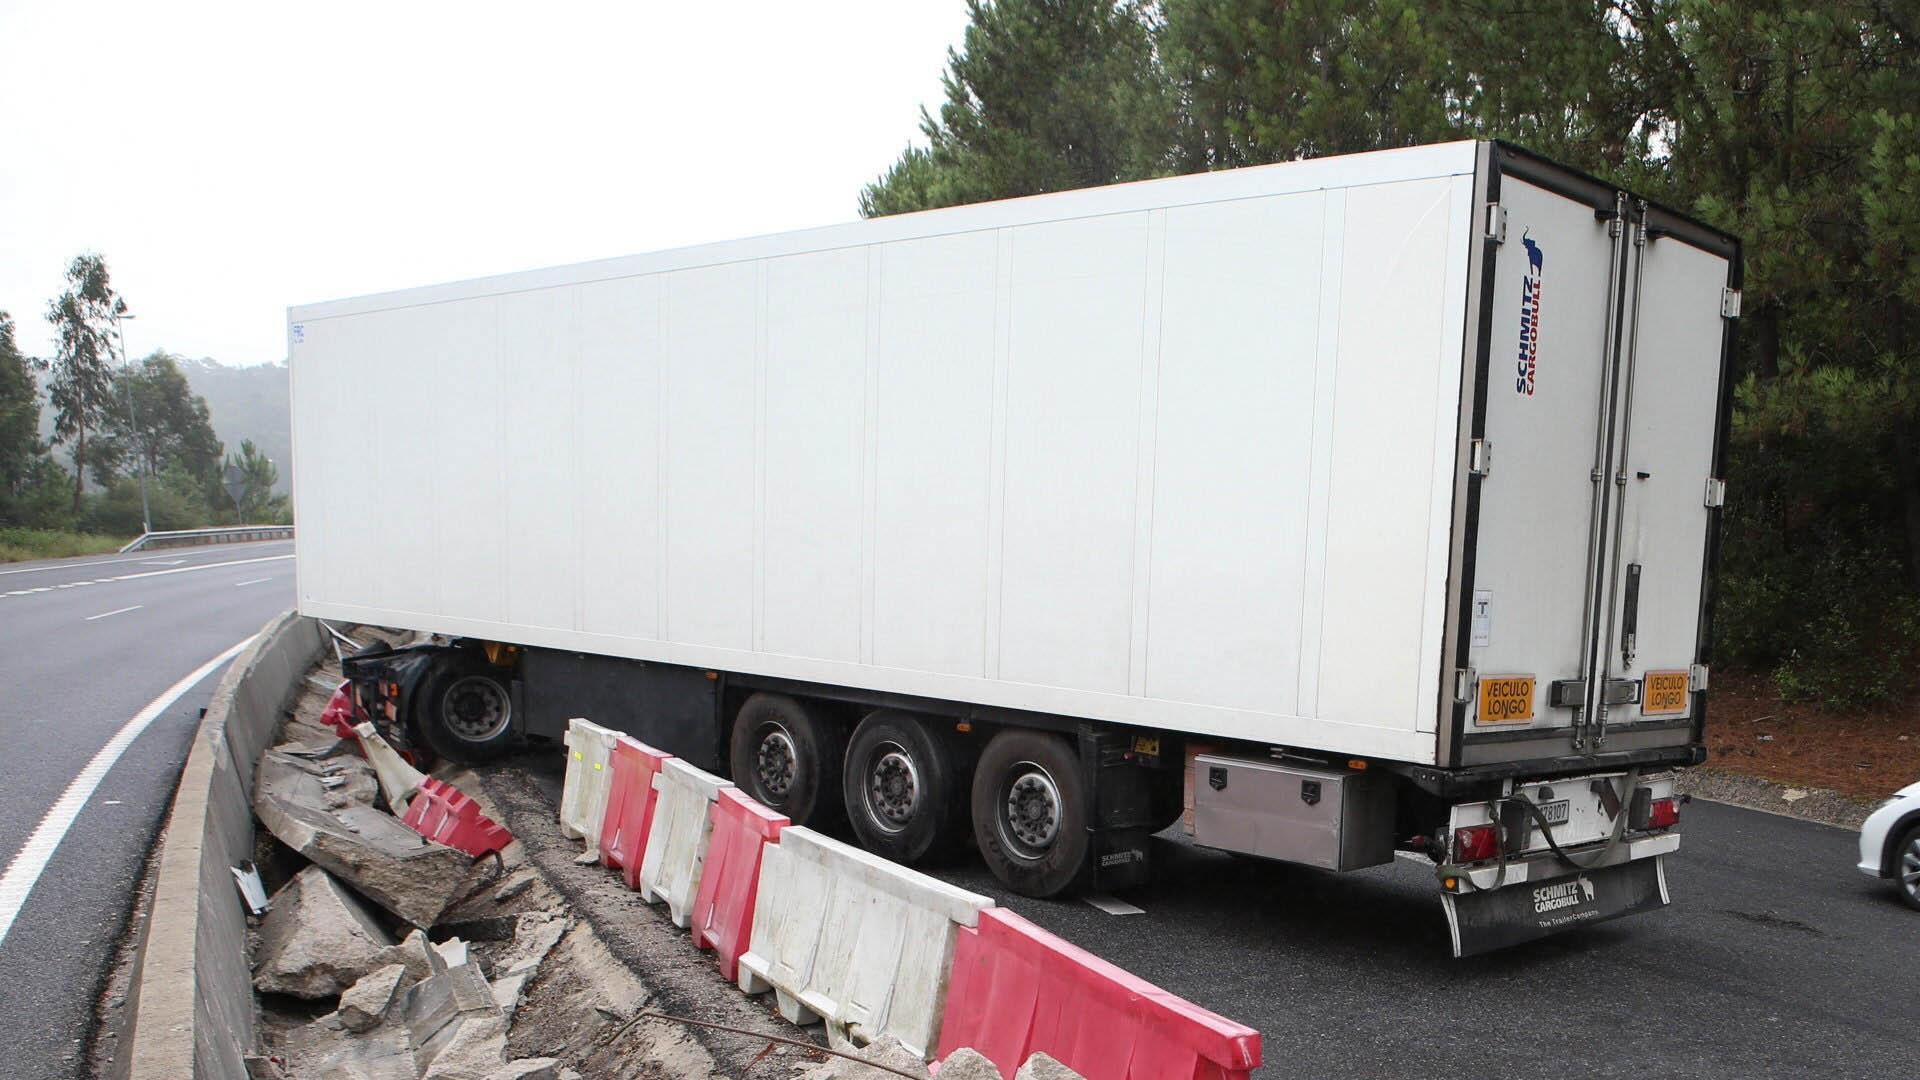 Un camión que trasladaba a 60 centroamericanos de manera ilegal, dejó varados a varias personas con signos de deshidradatación en Veracruz